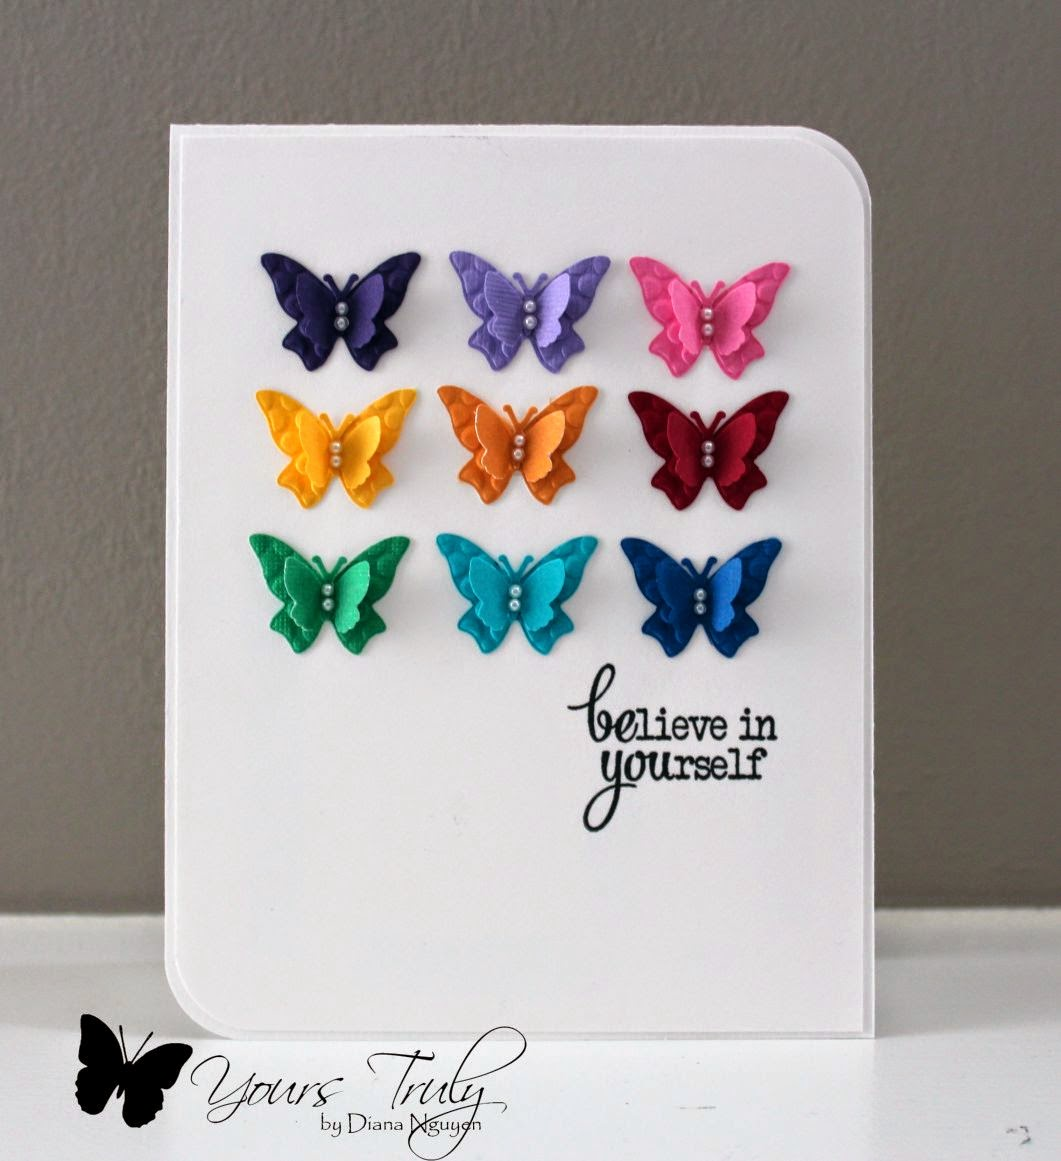 Diana Nguyen, butterfly, verve, card